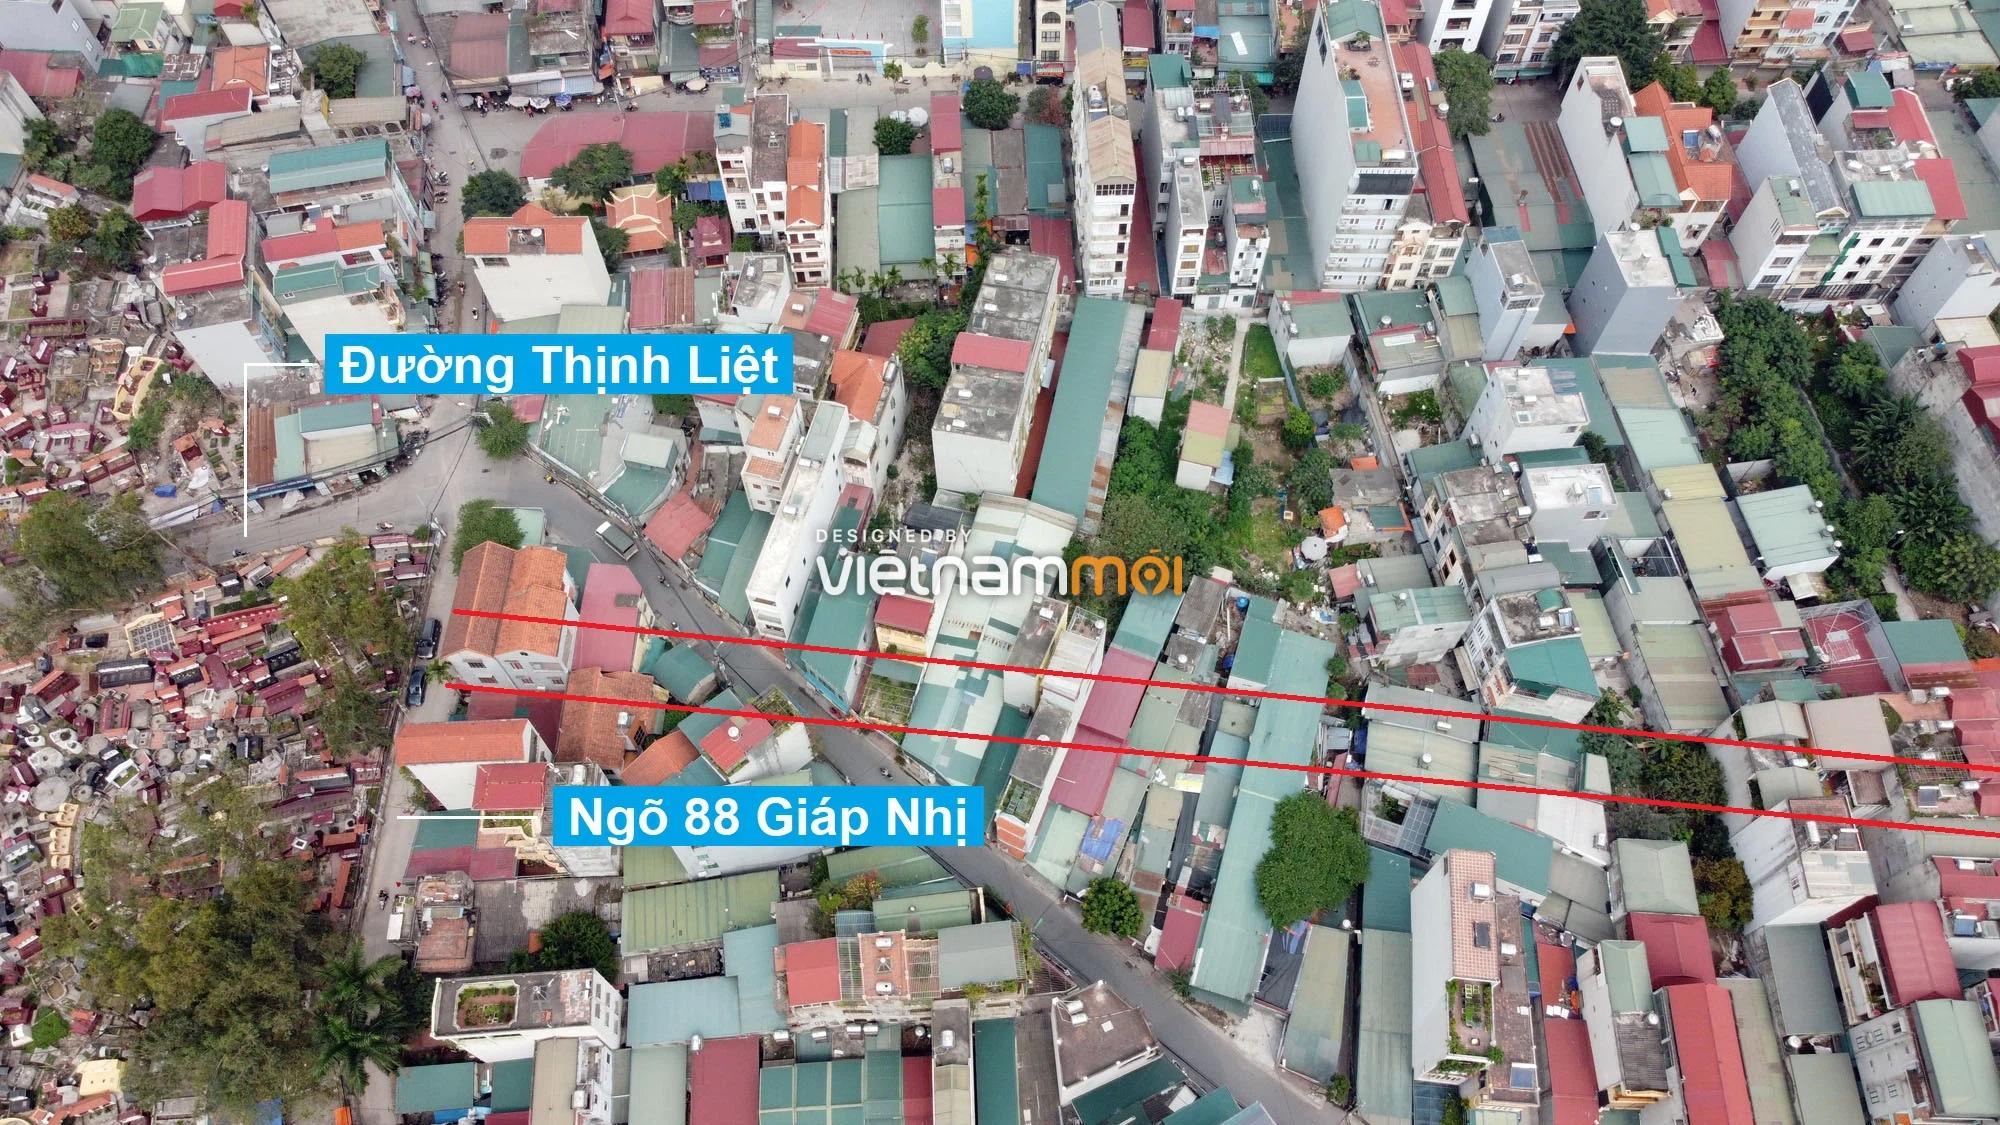 Đường sẽ mở theo quy hoạch ở phường Thịnh Liệt, Hoàng Mai, Hà Nội (phần 5) - Ảnh 9.